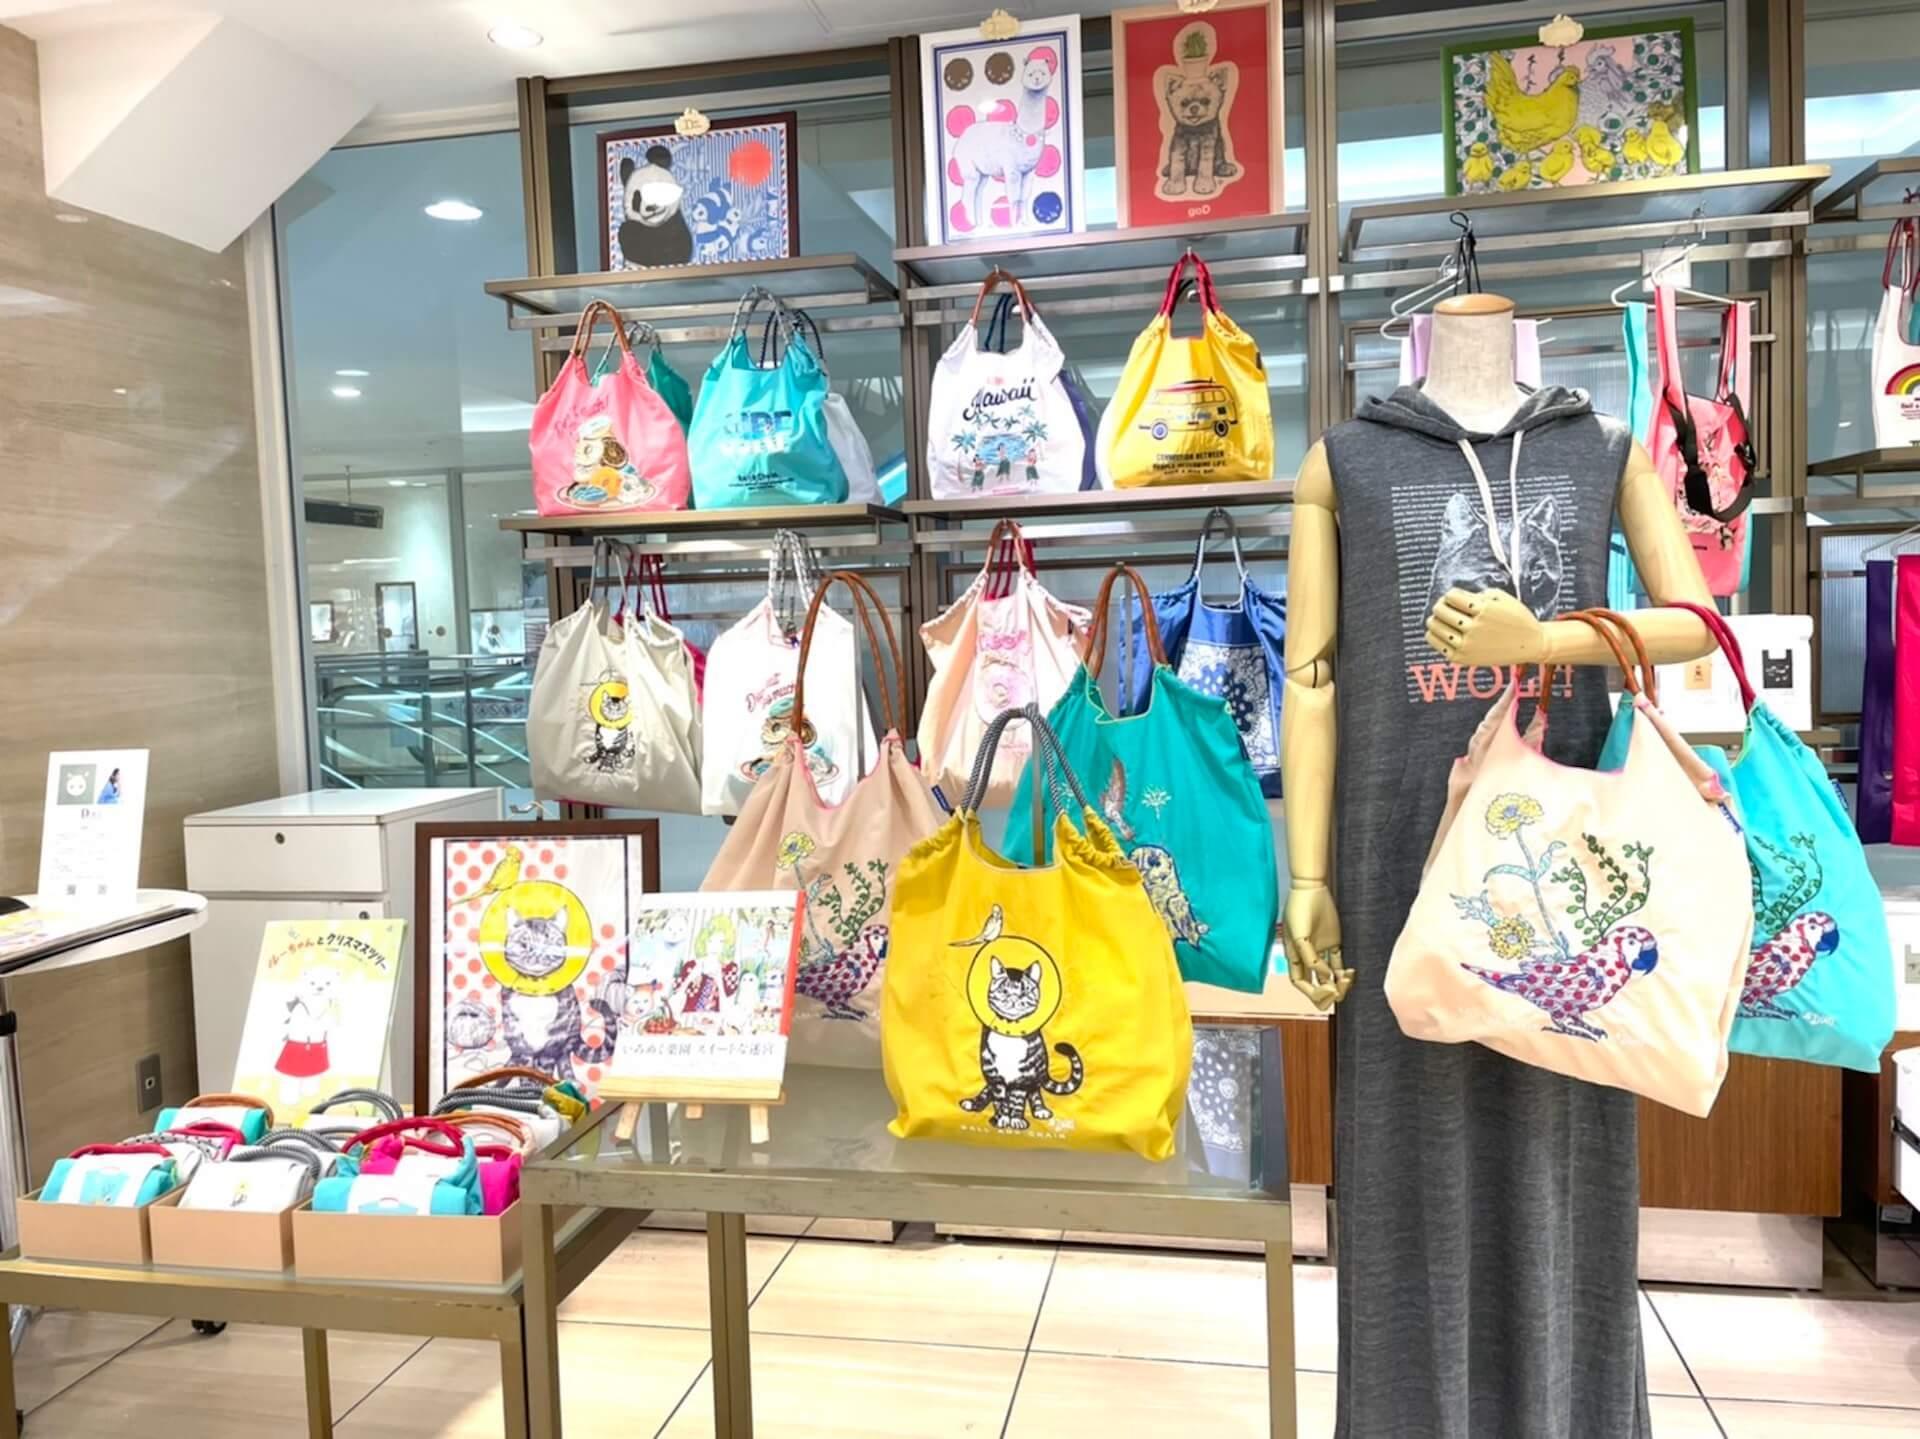 D[di:]が人気エコバッグブランドBall&Chainとコラボし、ポップアップショップツアー<D[di:]goods pop up×Ball&Chain>を展開! fashion210624_Dpopup5